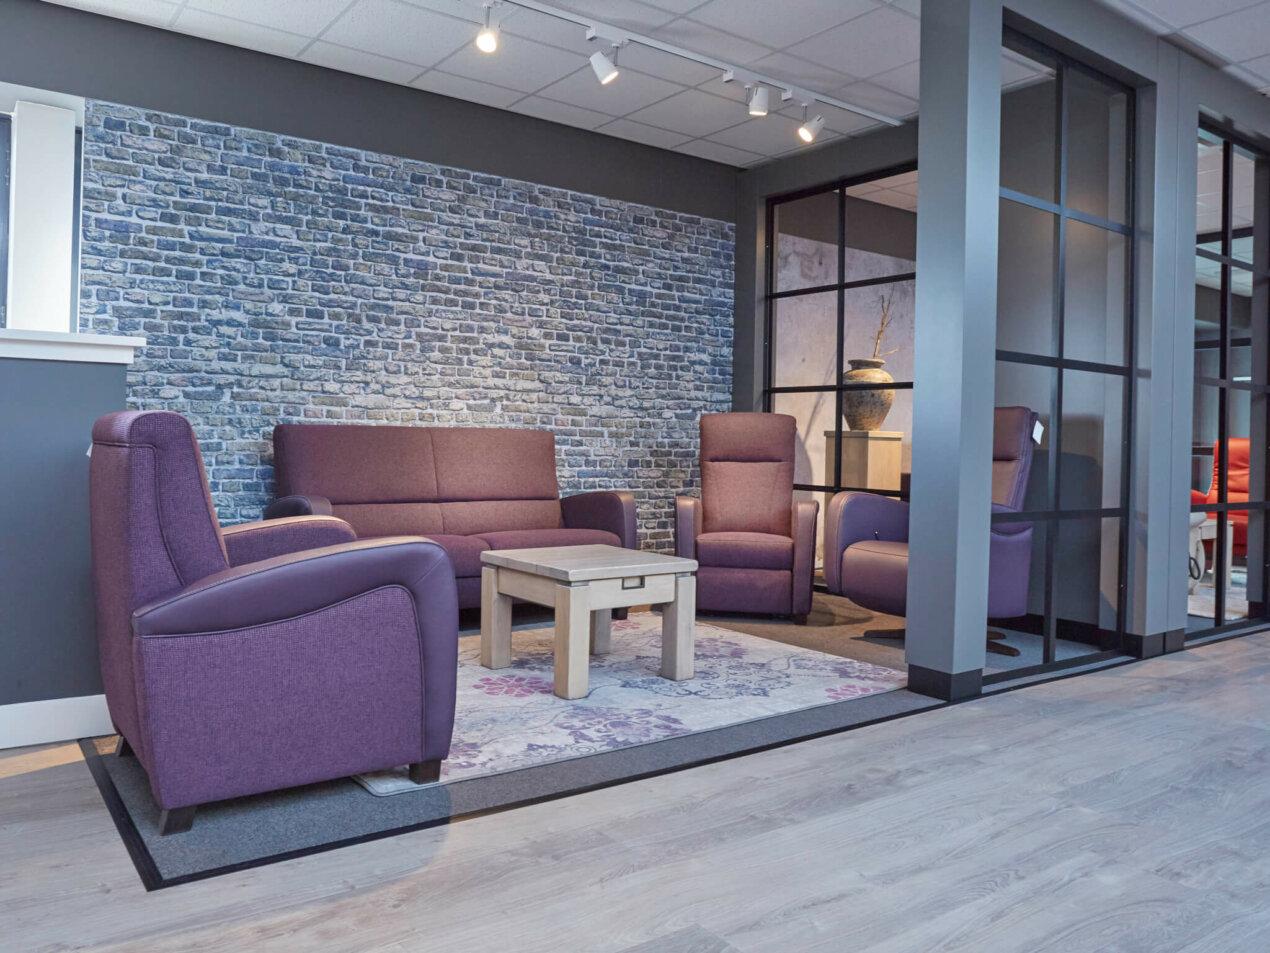 showroom paarse zithoek